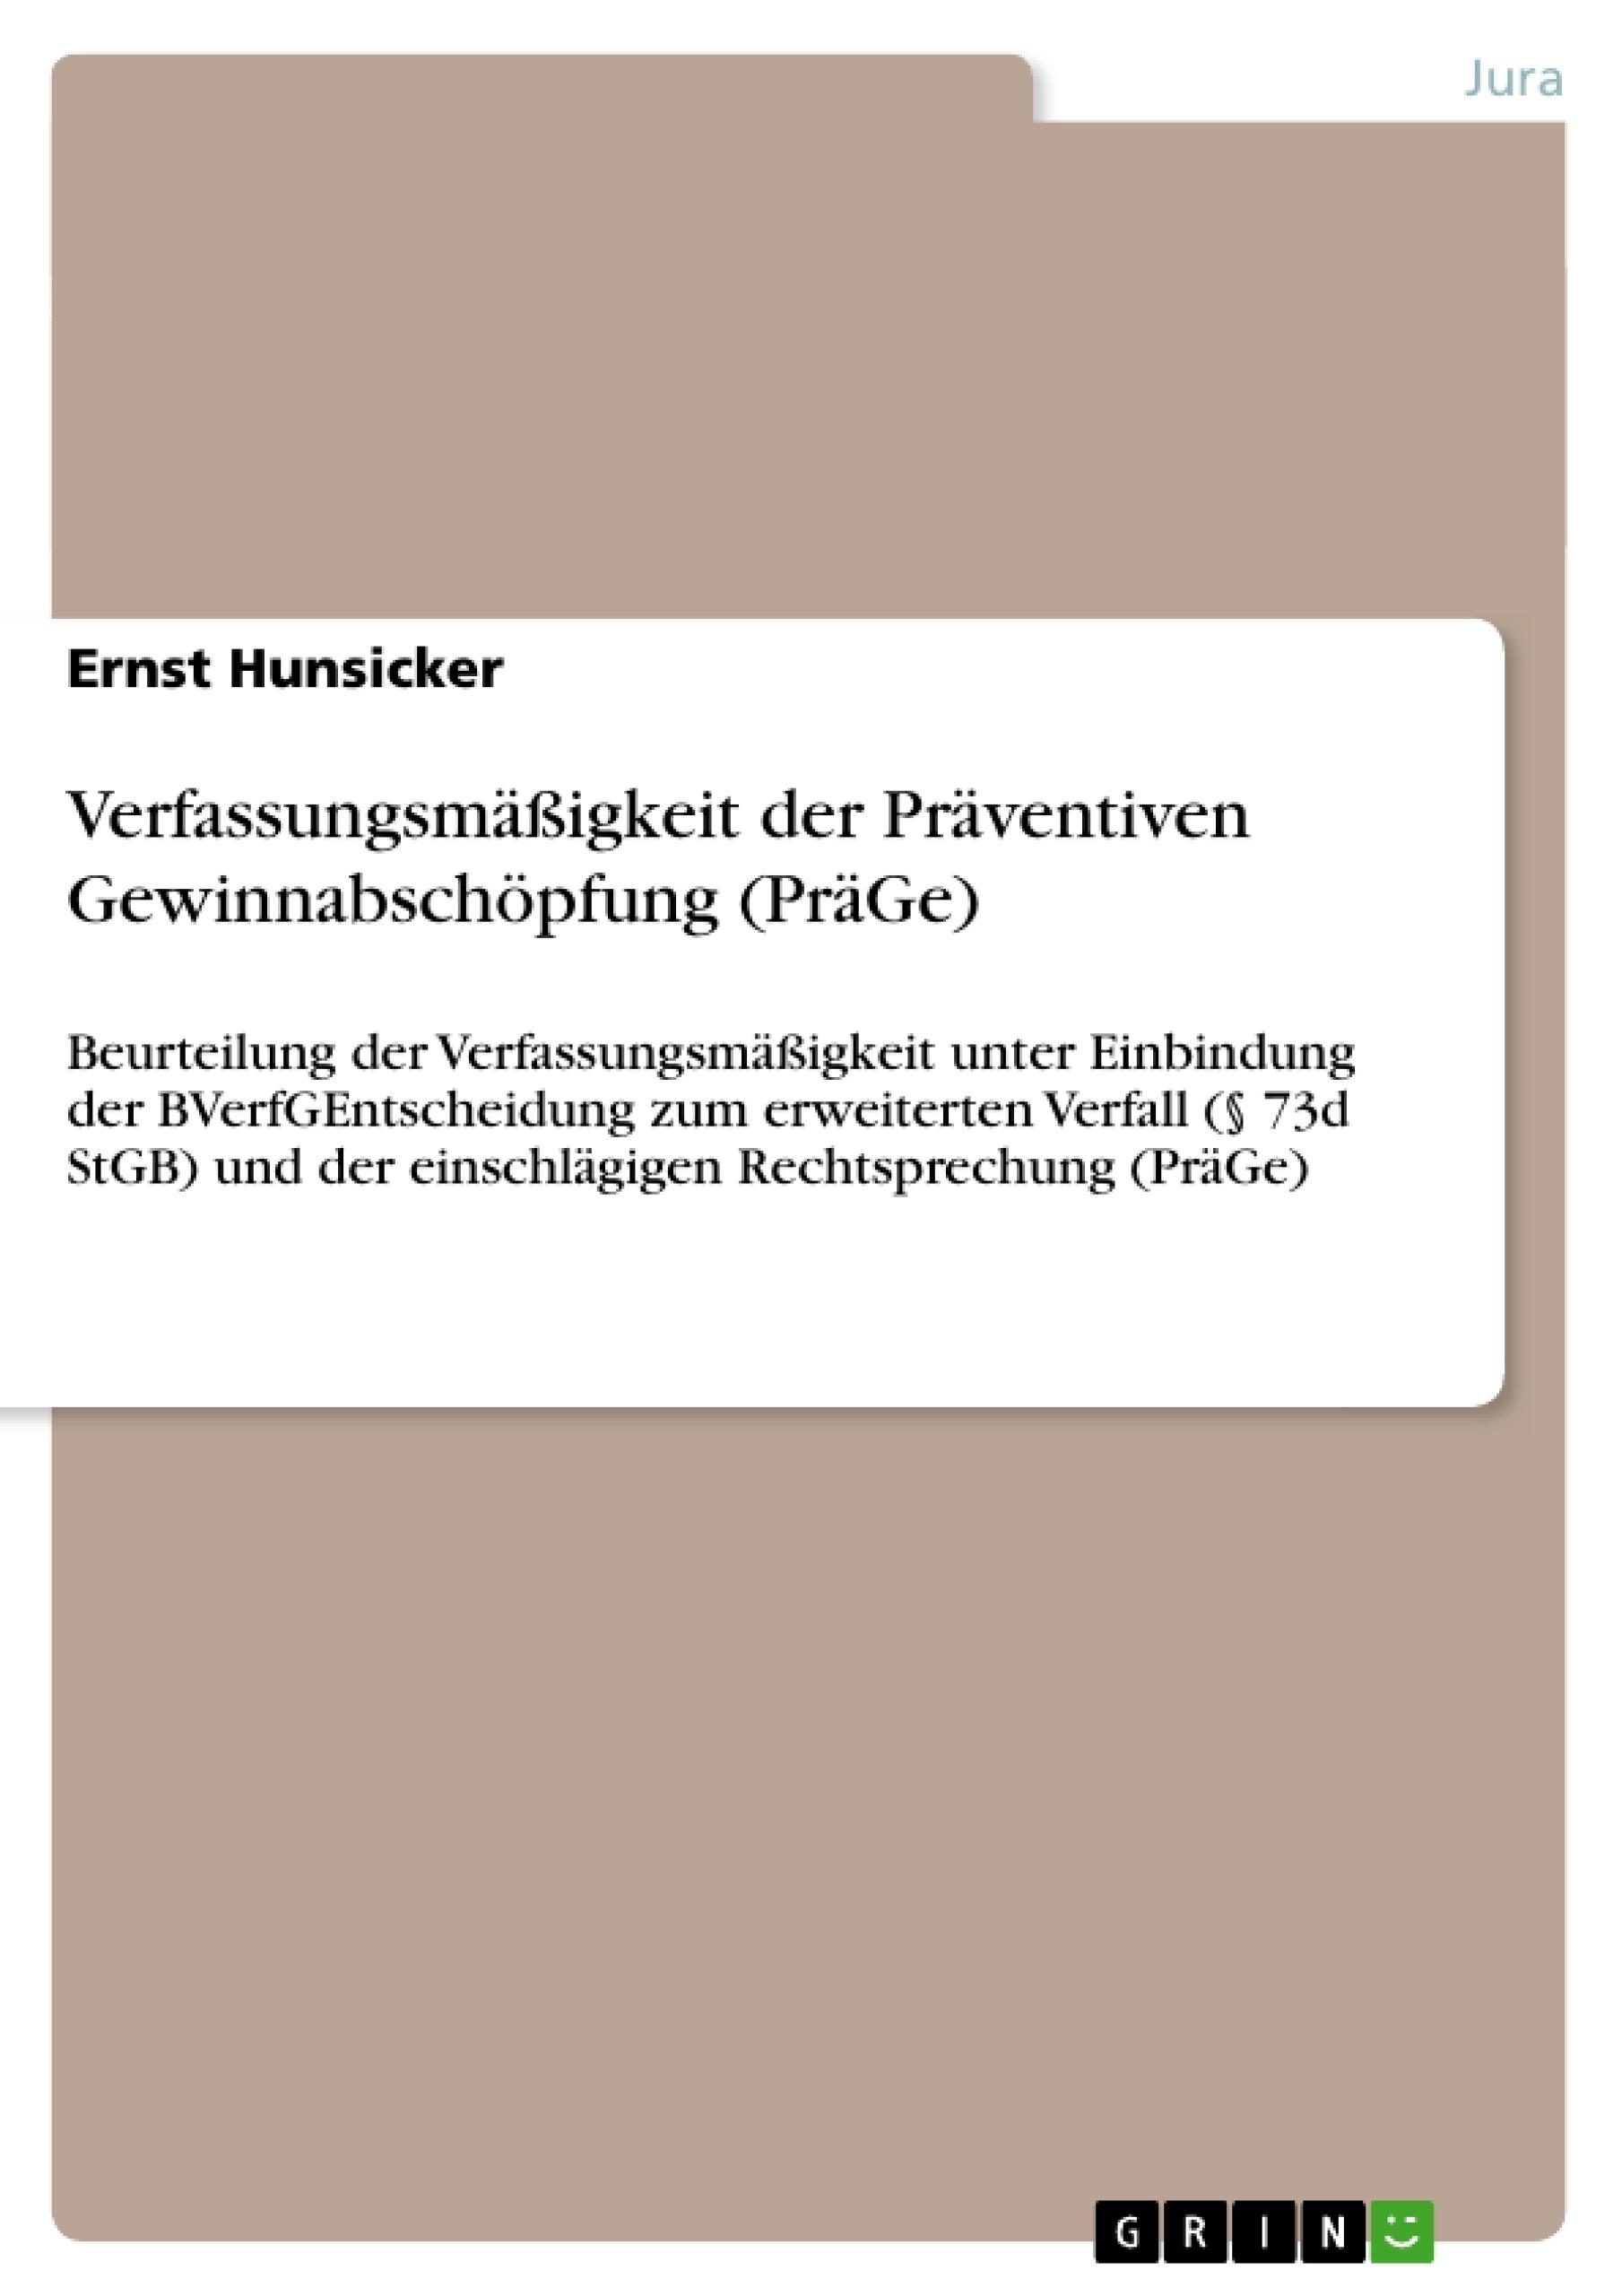 Titel: Verfassungsmäßigkeit der Präventiven Gewinnabschöpfung (PräGe)